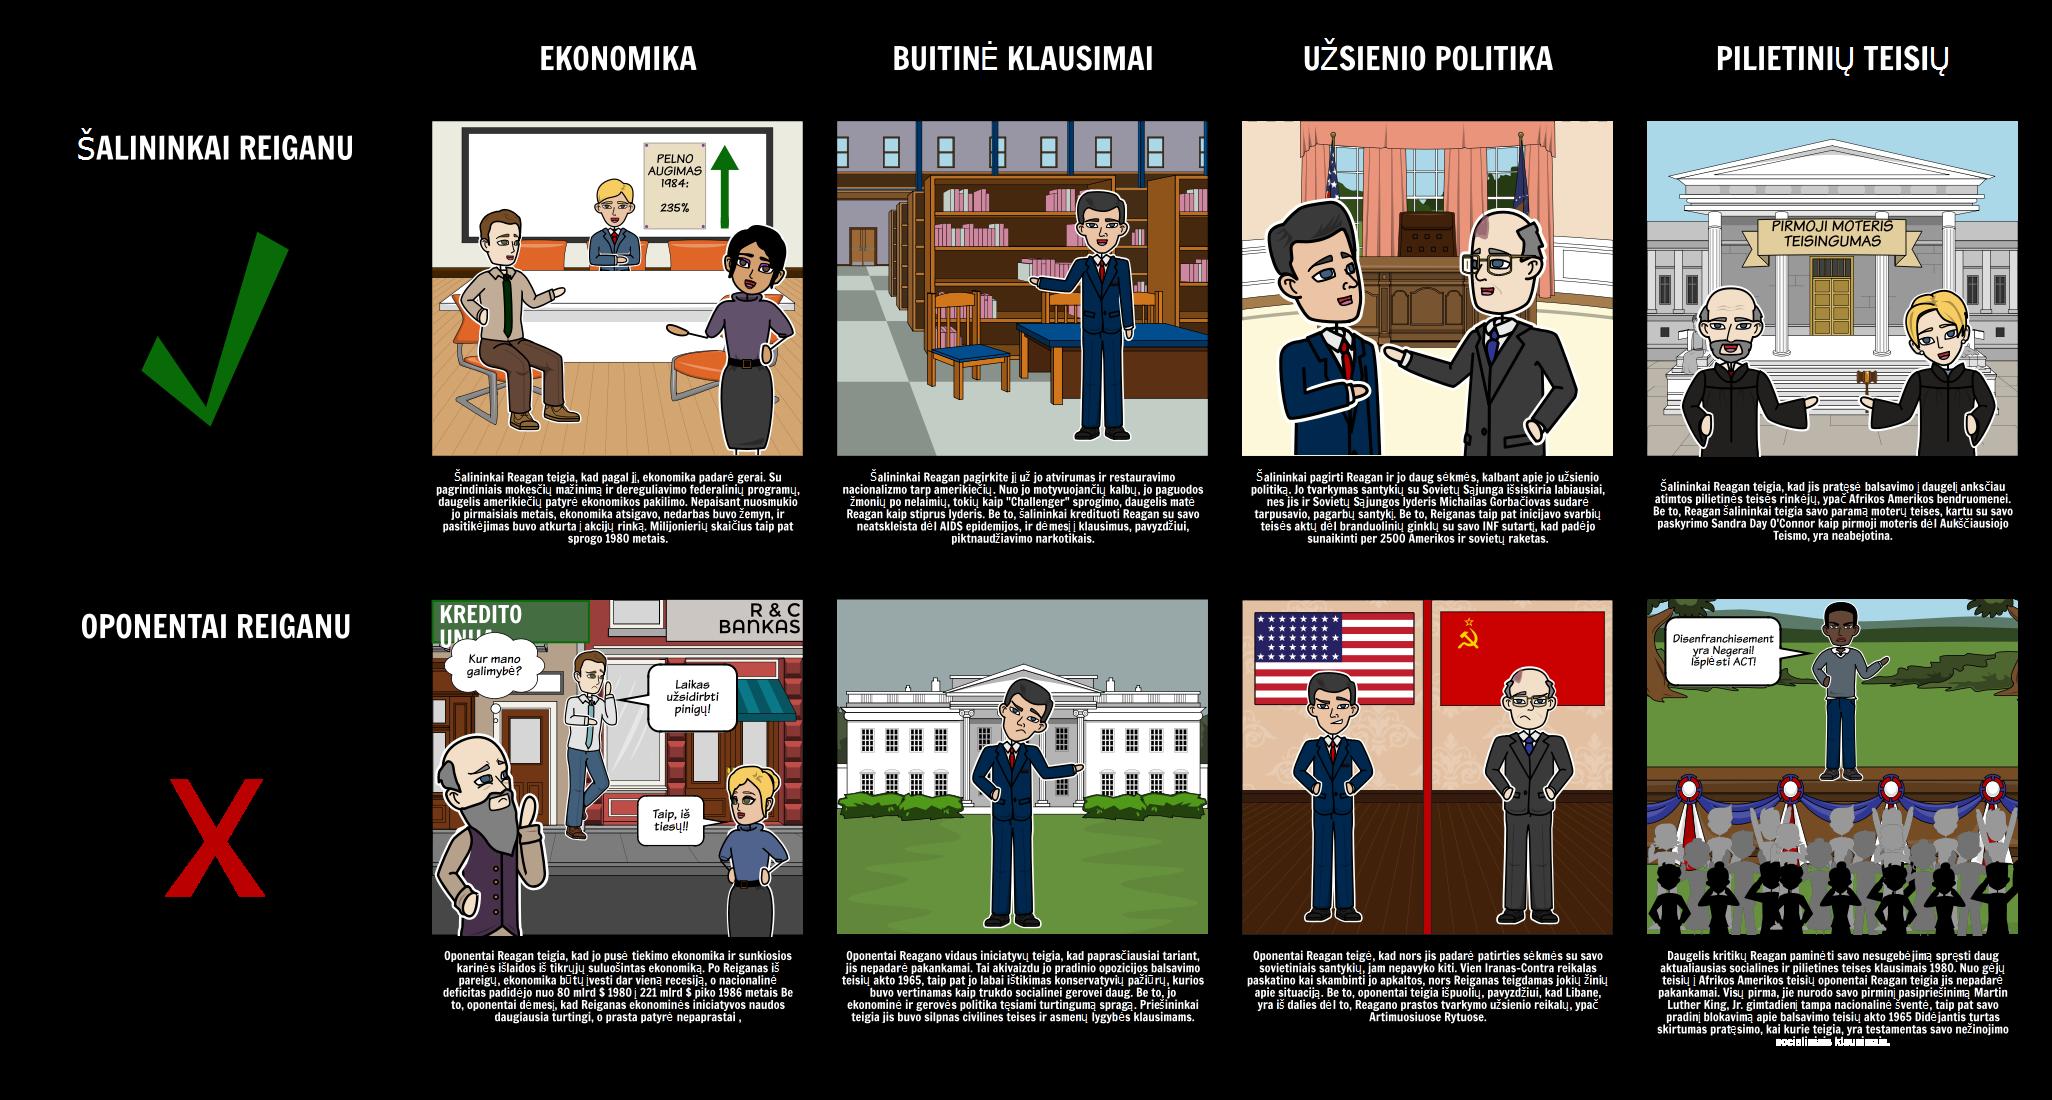 Reiganas Pirmininkavimas - Šalininkas ir Varžovams Požiūriai